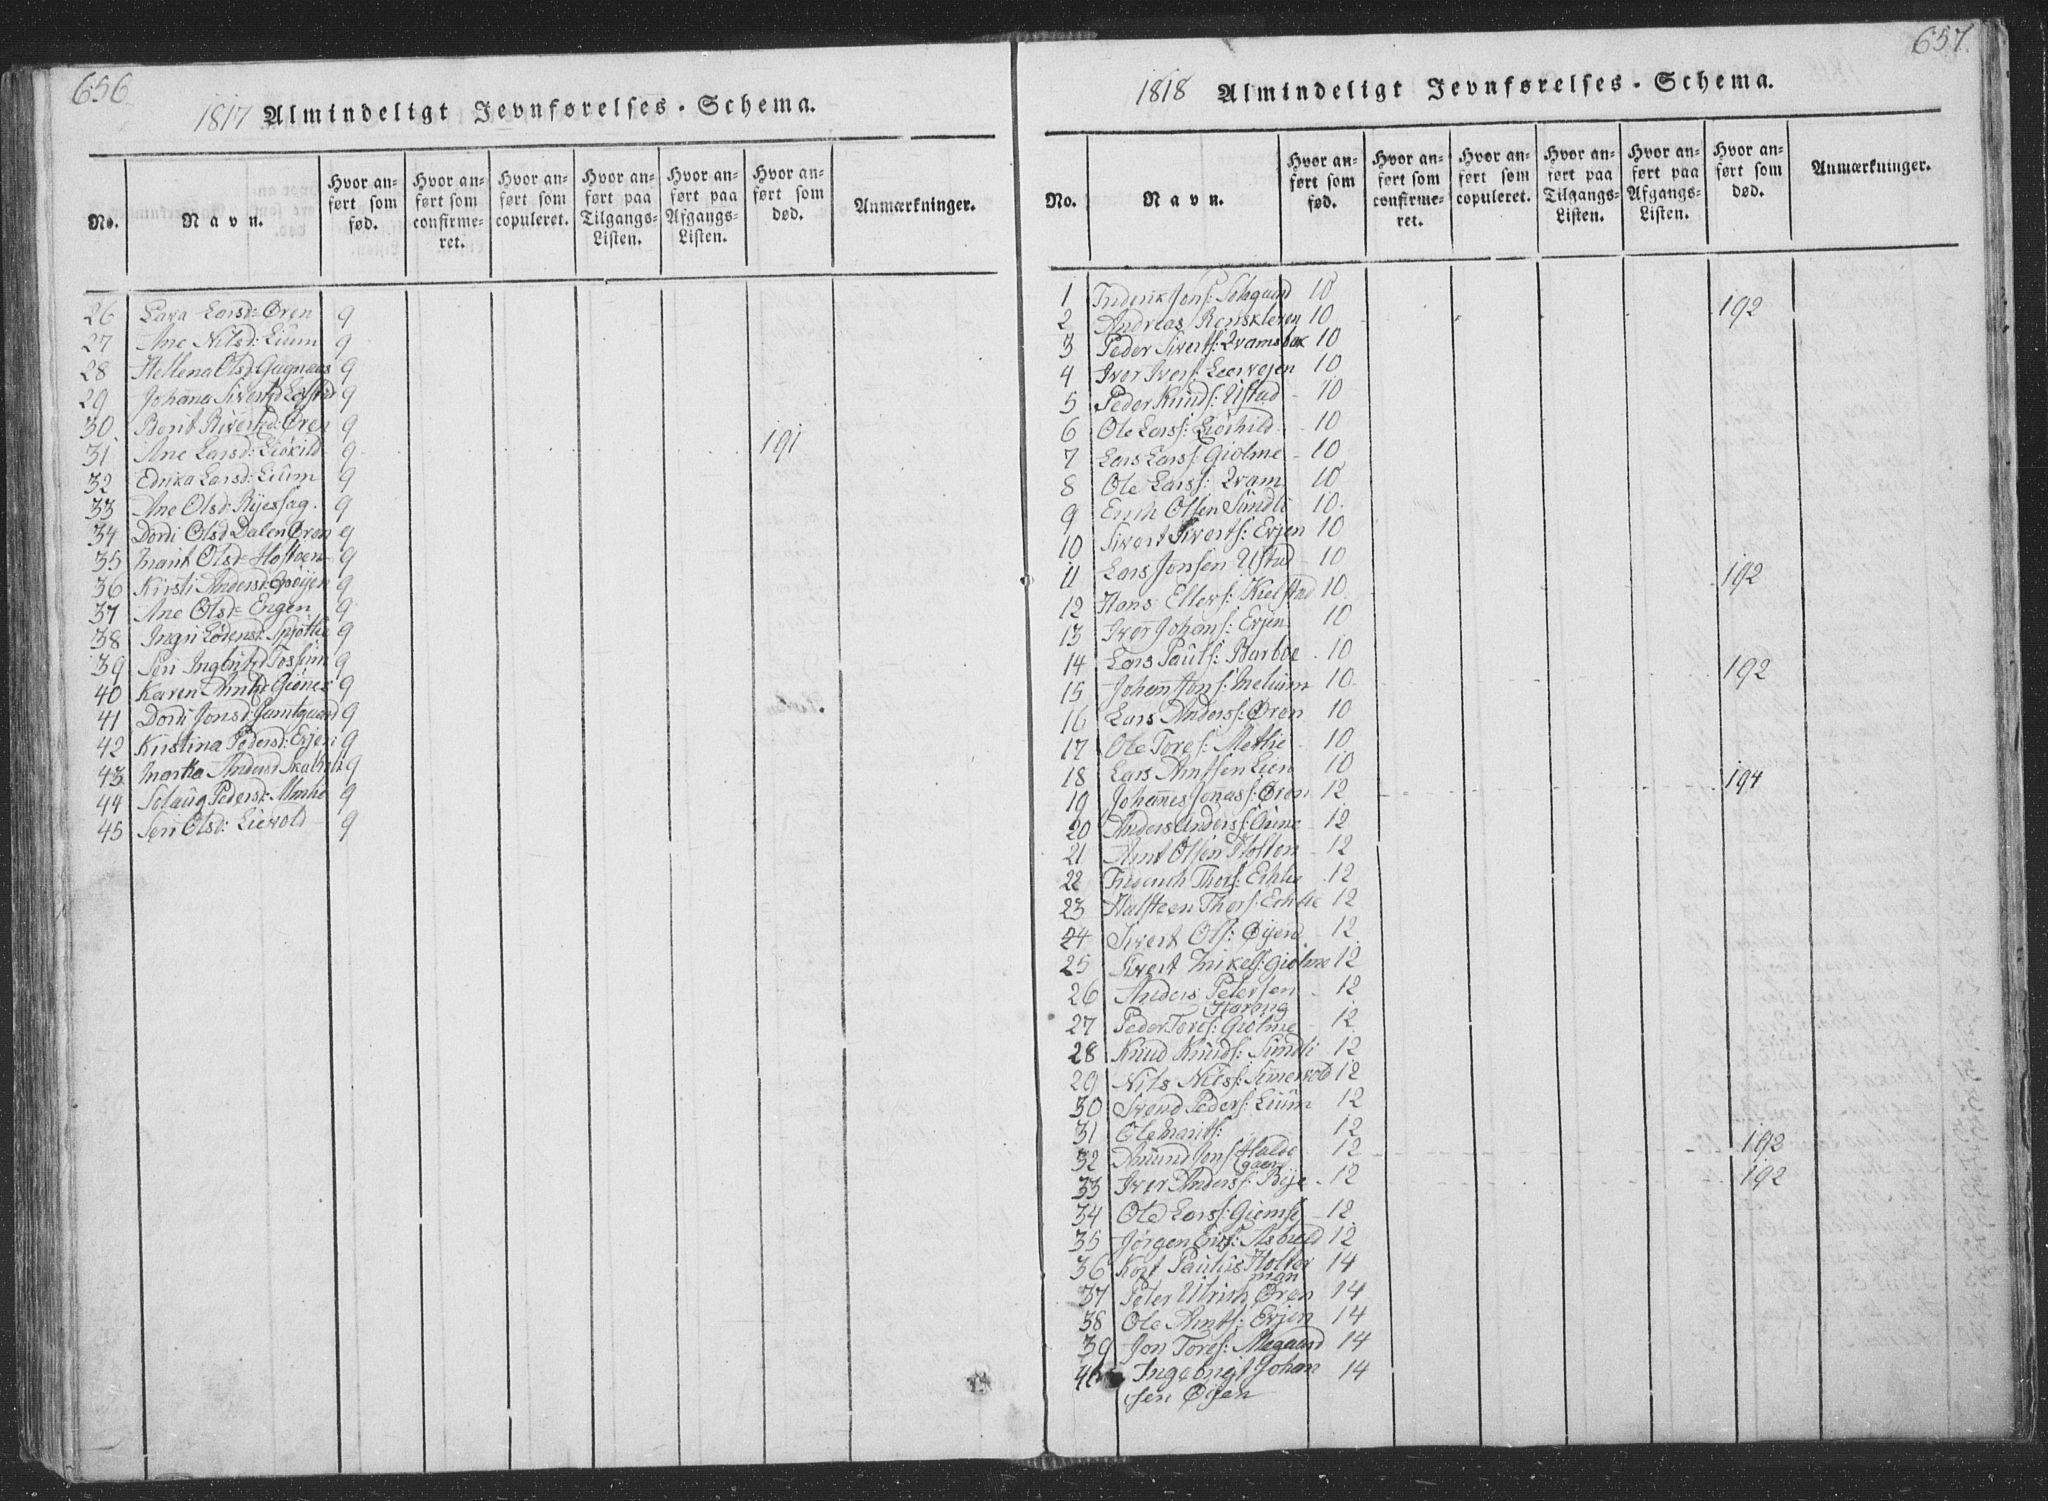 SAT, Ministerialprotokoller, klokkerbøker og fødselsregistre - Sør-Trøndelag, 668/L0816: Klokkerbok nr. 668C05, 1816-1893, s. 656-657